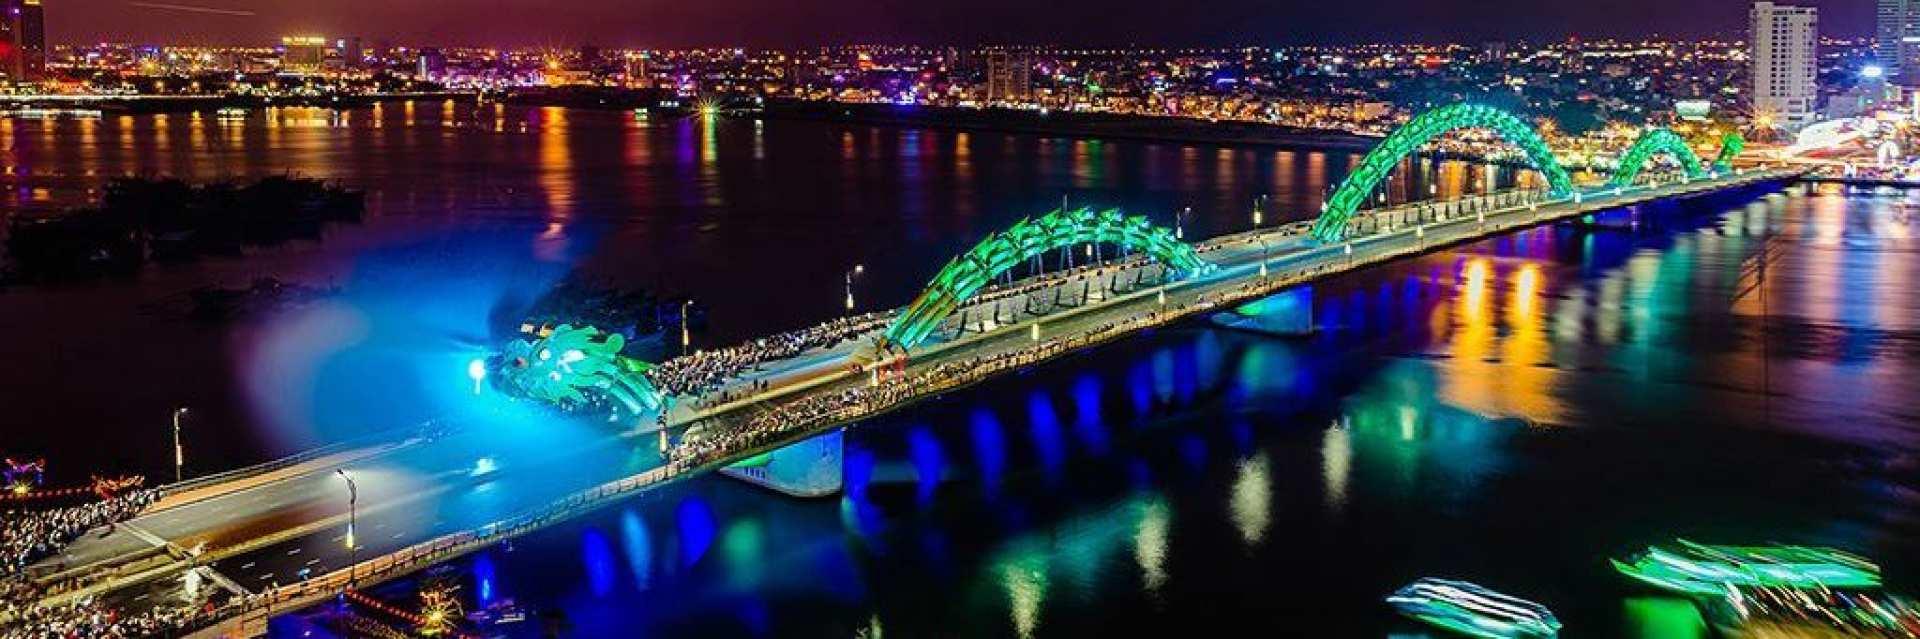 【峴港身心放鬆之夜】spa 推拿、精緻晚餐、夜晚遊覽